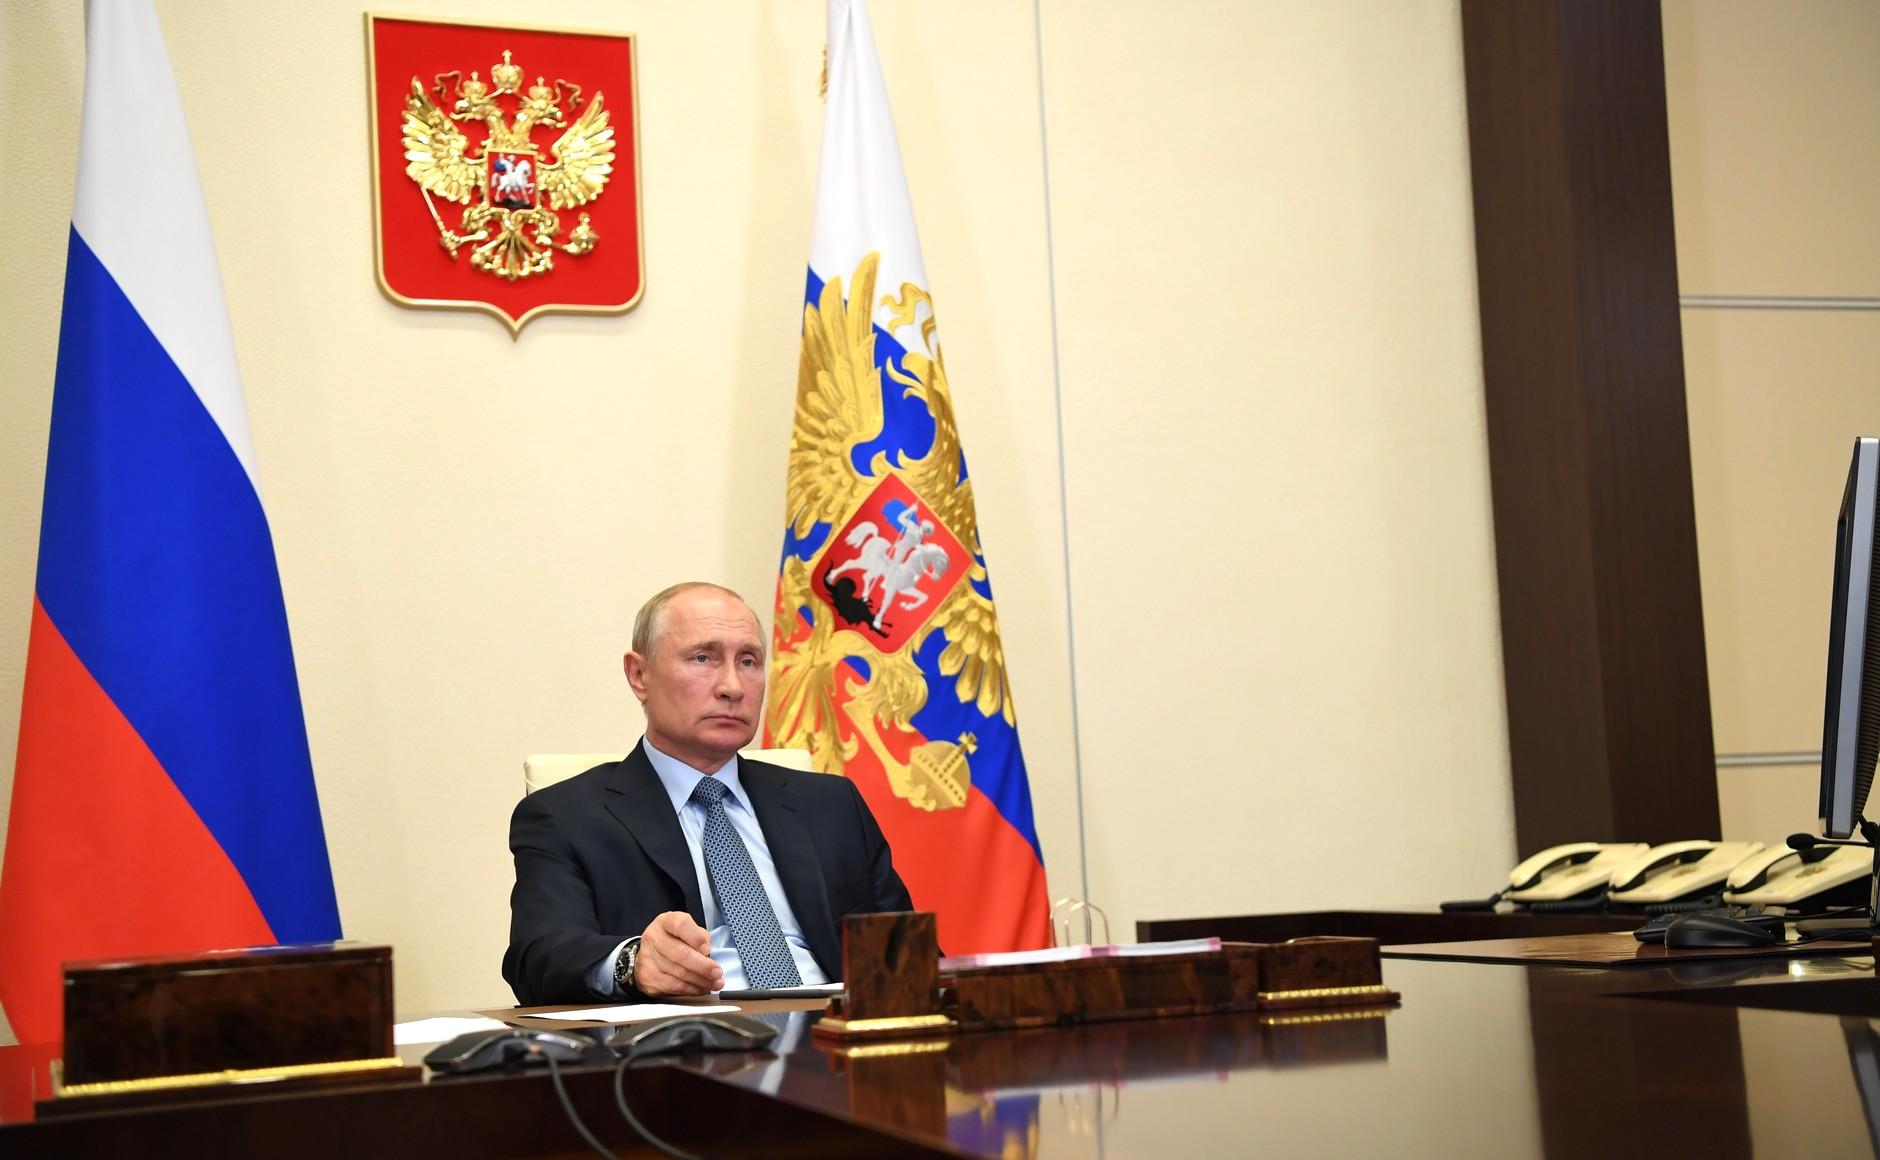 В День медицинского работника Владимир Путин наградил ярославских врачей